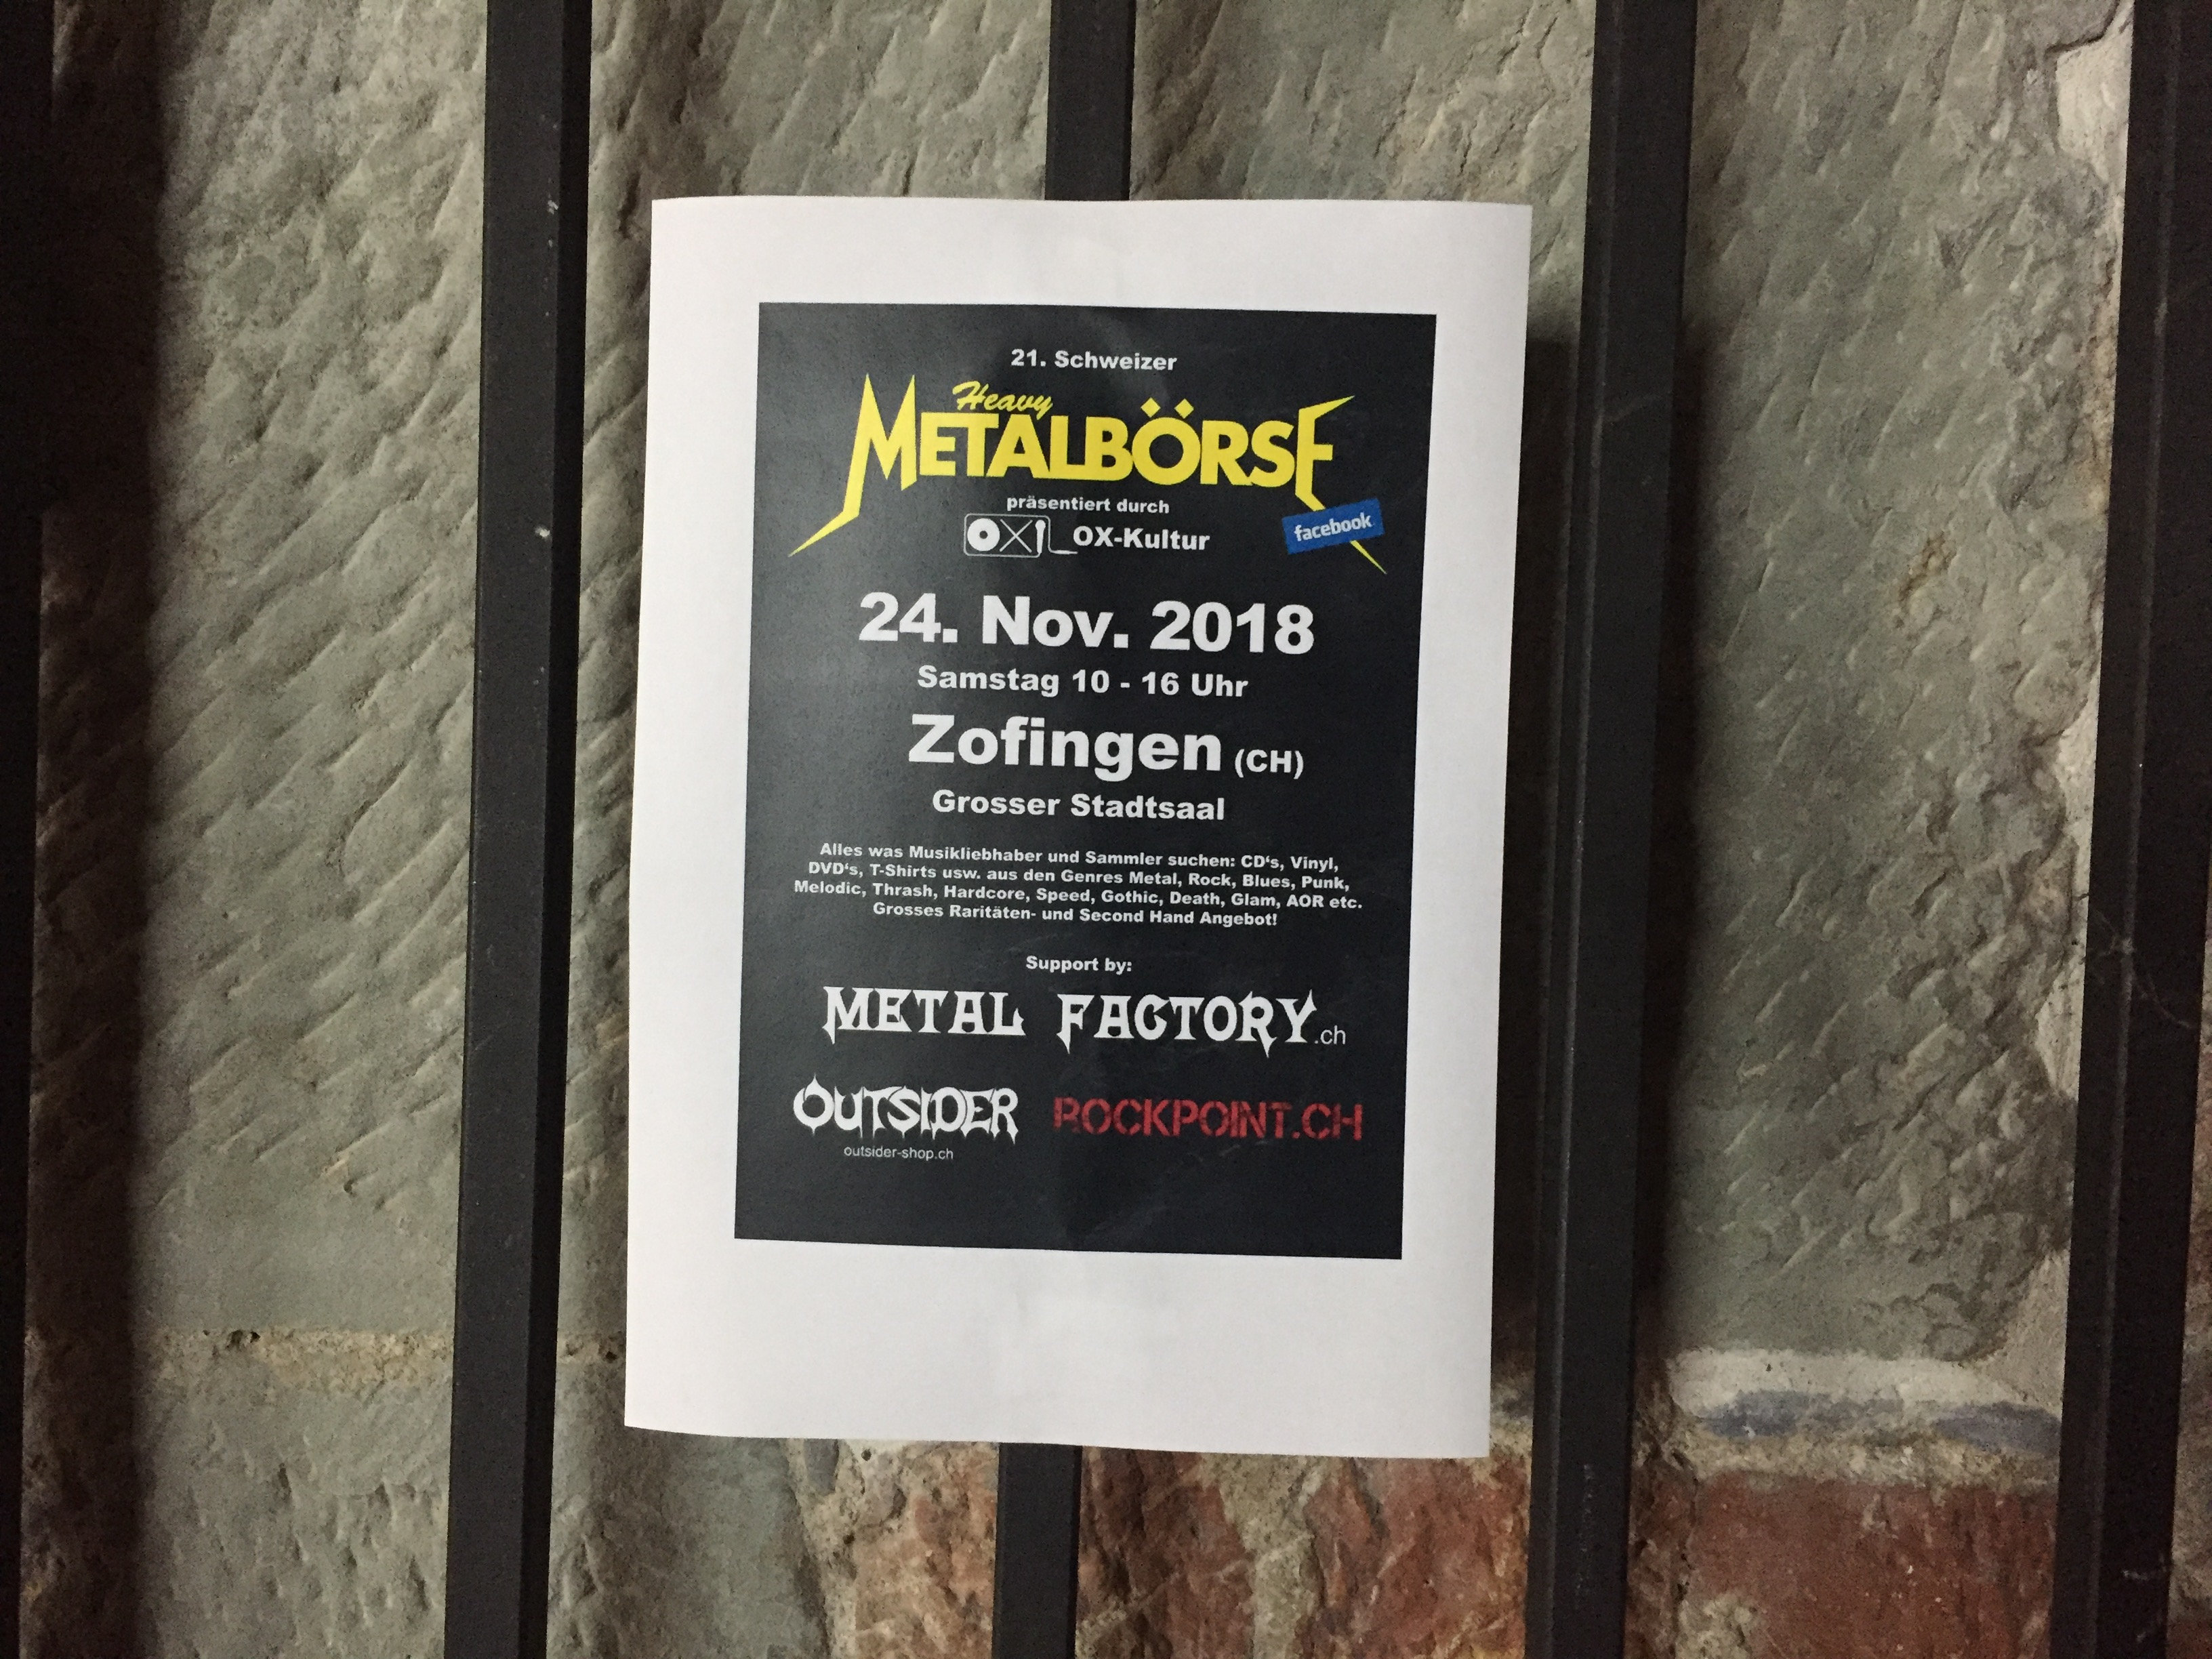 Kulturnacht Burgdorf Schlosskeller Metalbörse Schweiz